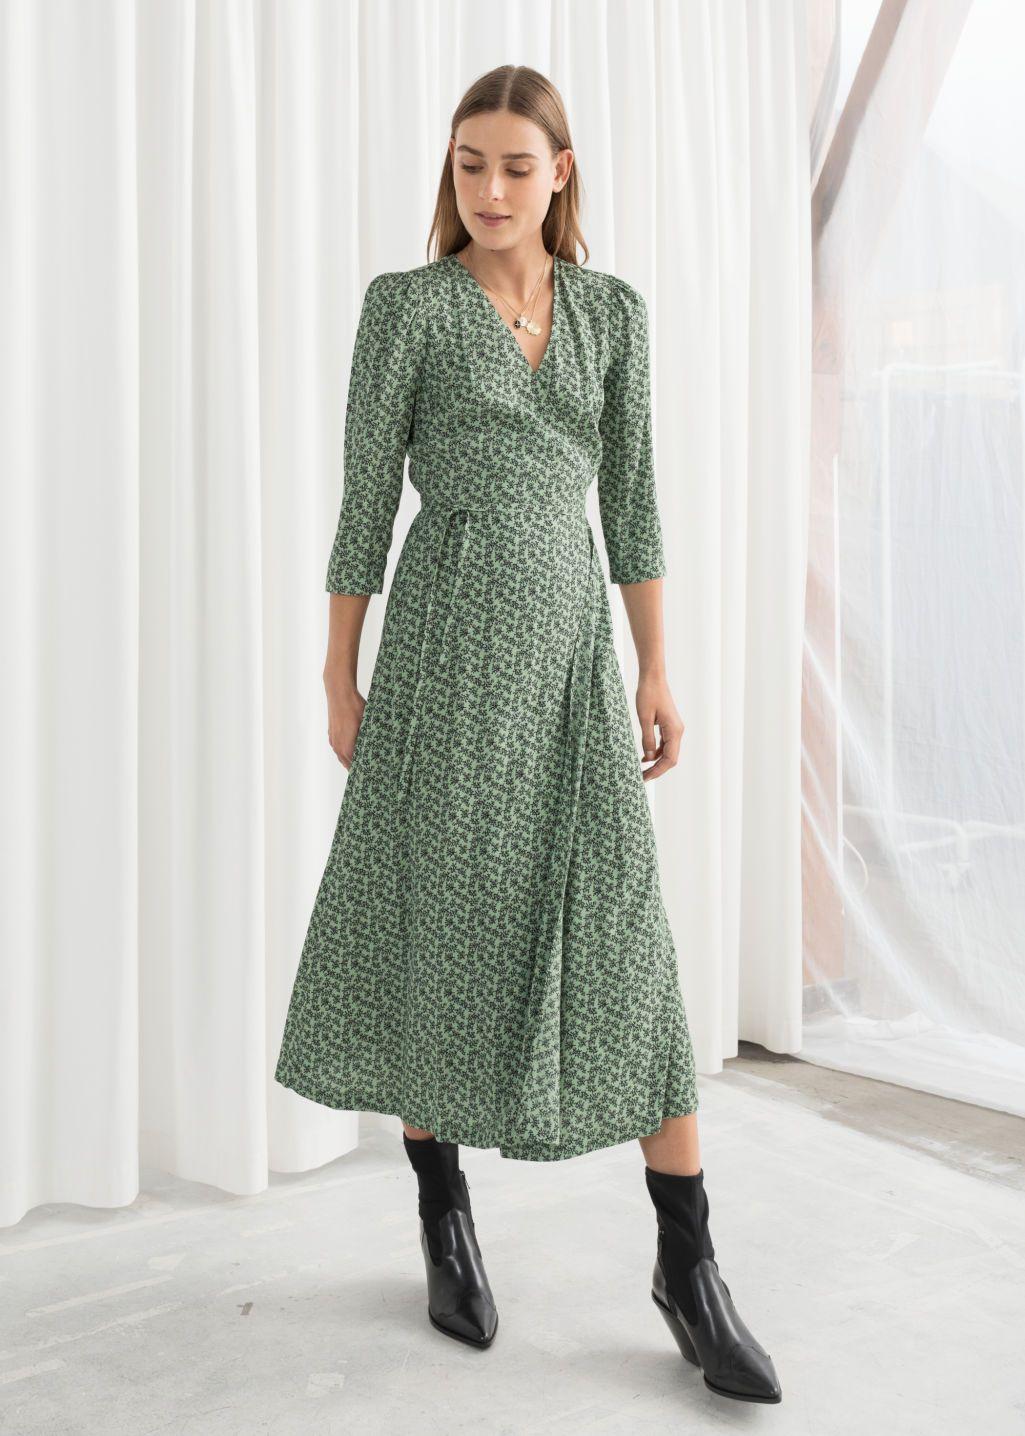 Midi Wrap Dress Floral Print Wrap Dresses Other Stories Dresses Wrap Dress Midi Dress